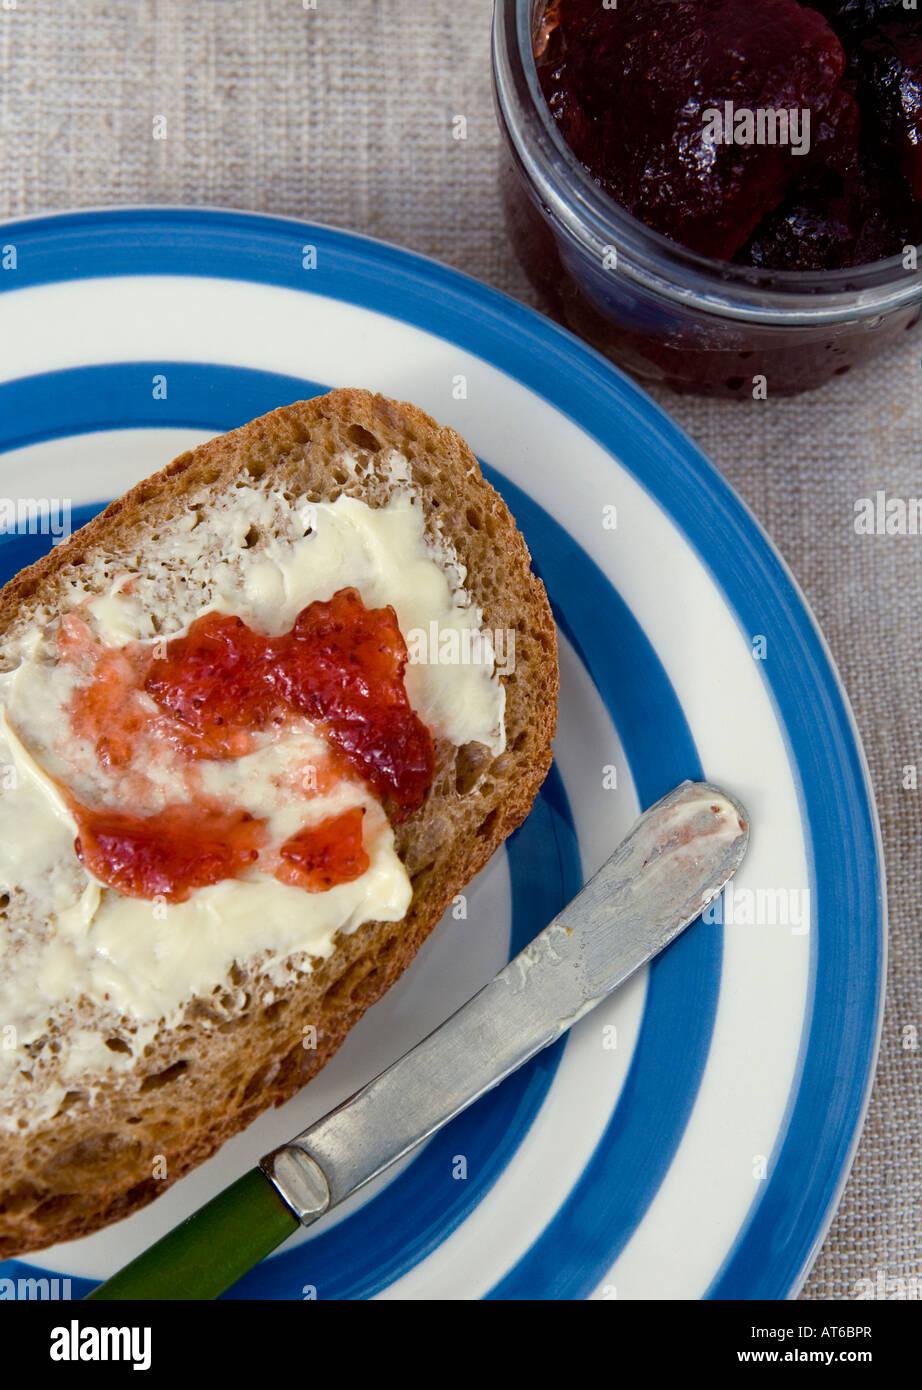 Pane integrale spalmato di burro organico e confettura di fragole Immagini Stock